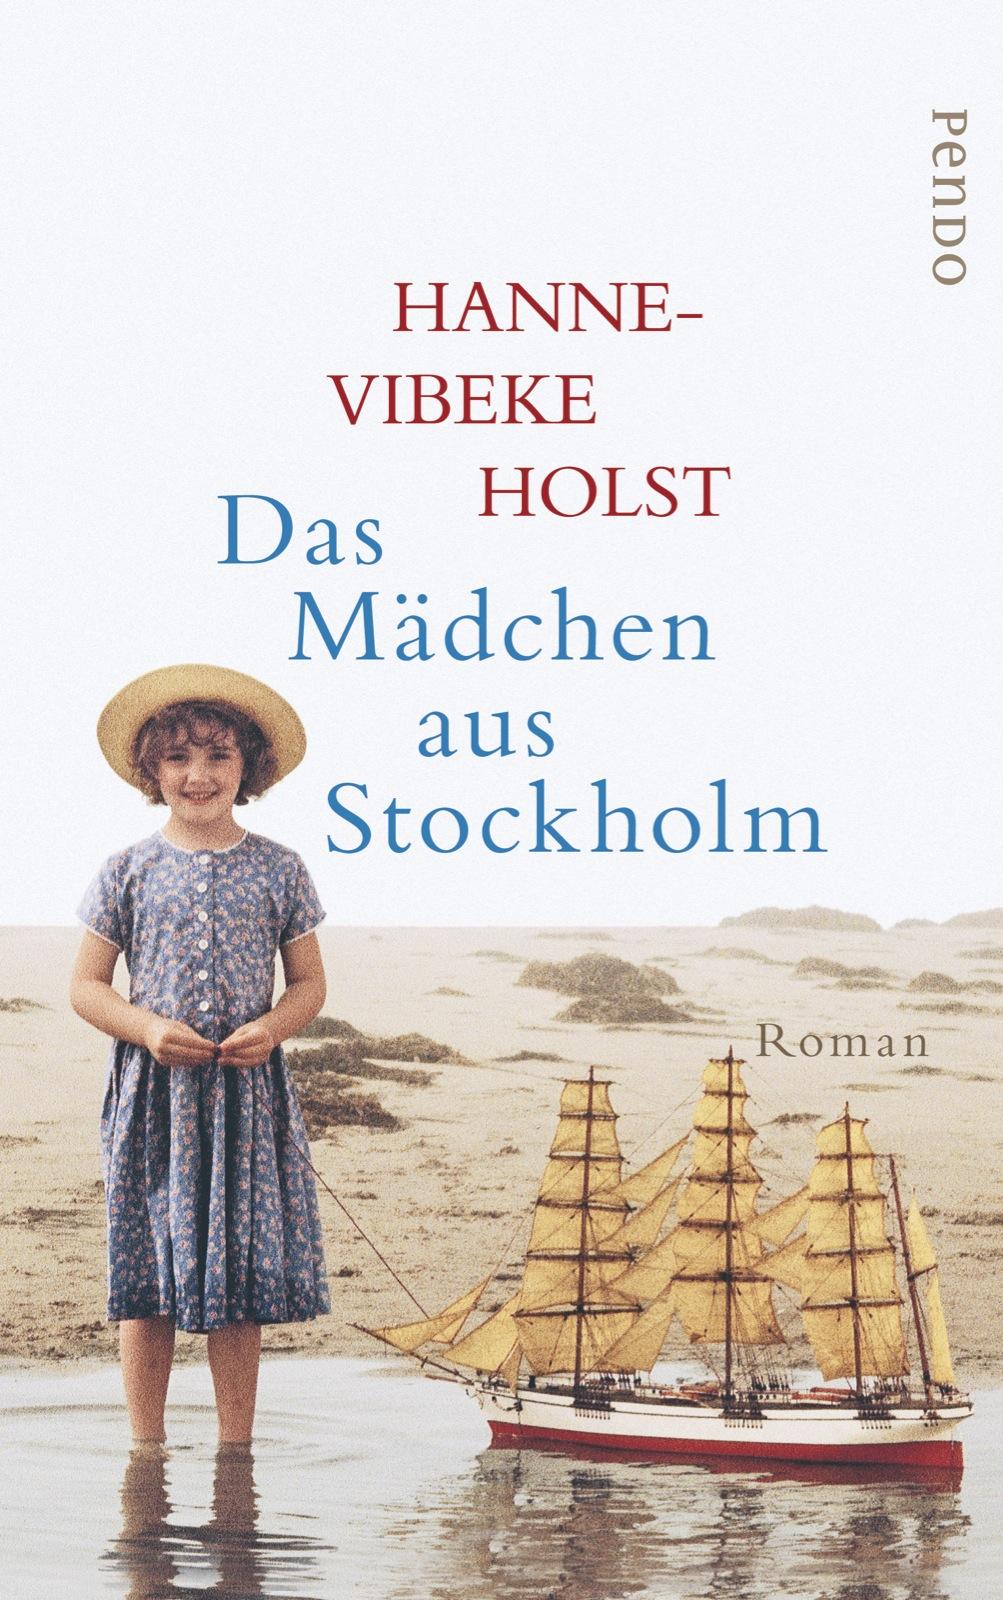 Das Mädchen aus Stockholm - Hanne-Vibeke Holst